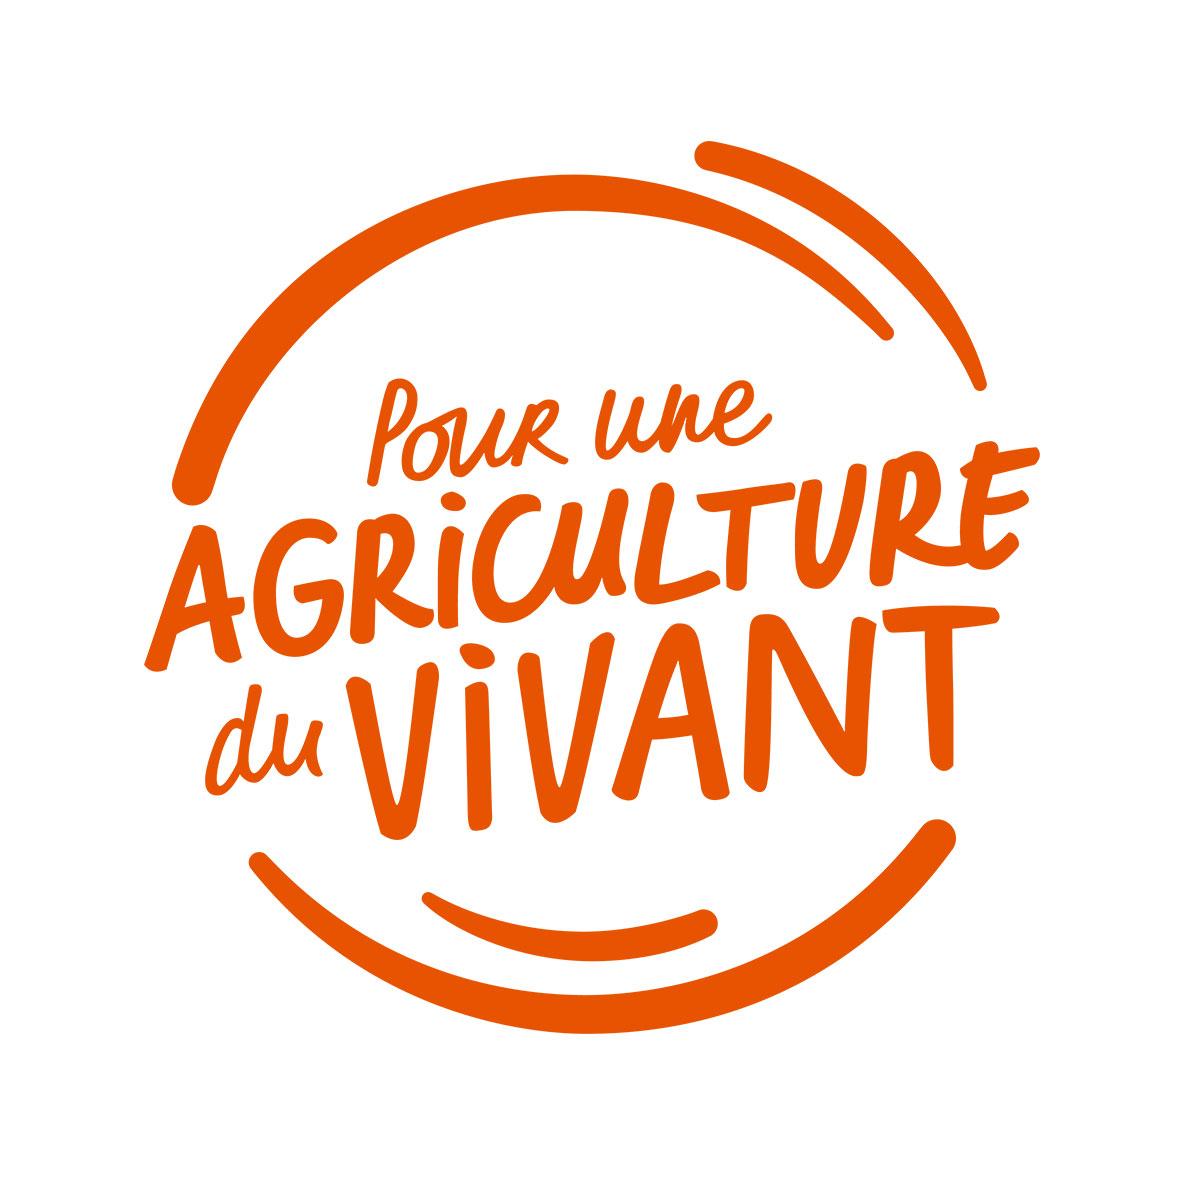 pour-une-agriculture-du-vivant-partenaire-agroecologie